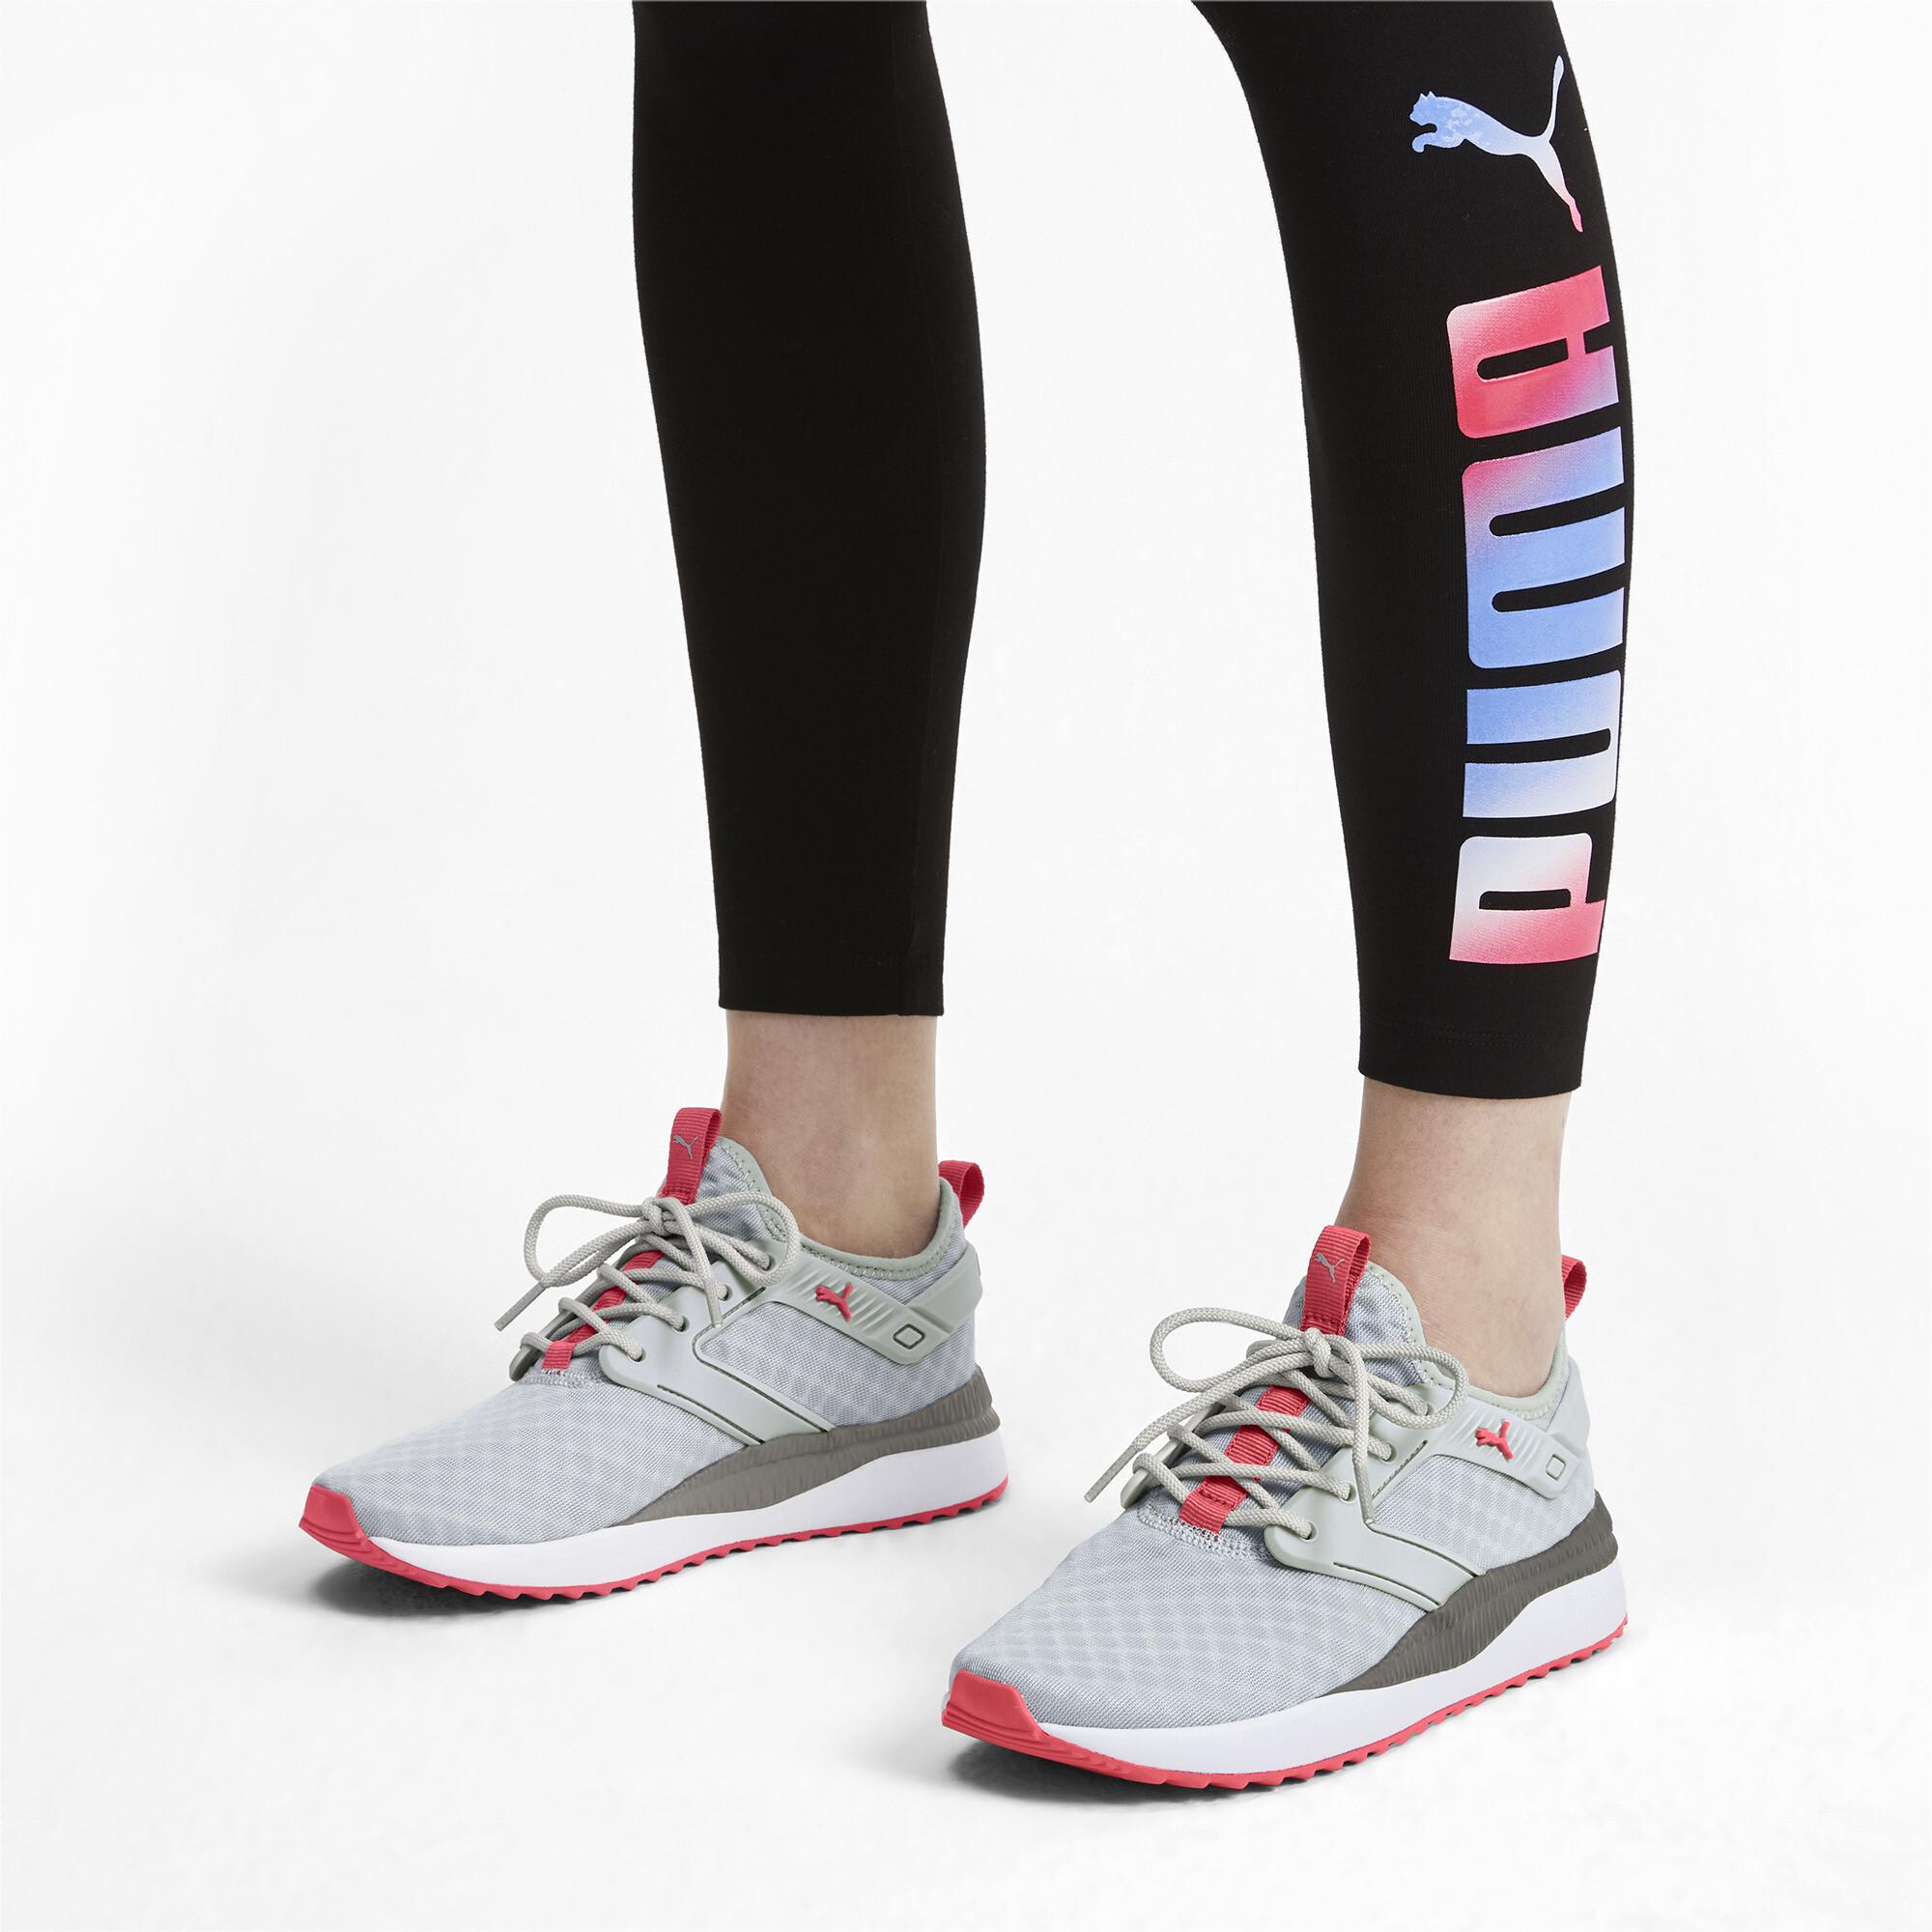 PUMA-Pacer-Next-Excel-Core-Men-039-s-Sneakers-Men-Shoe-Basics thumbnail 15